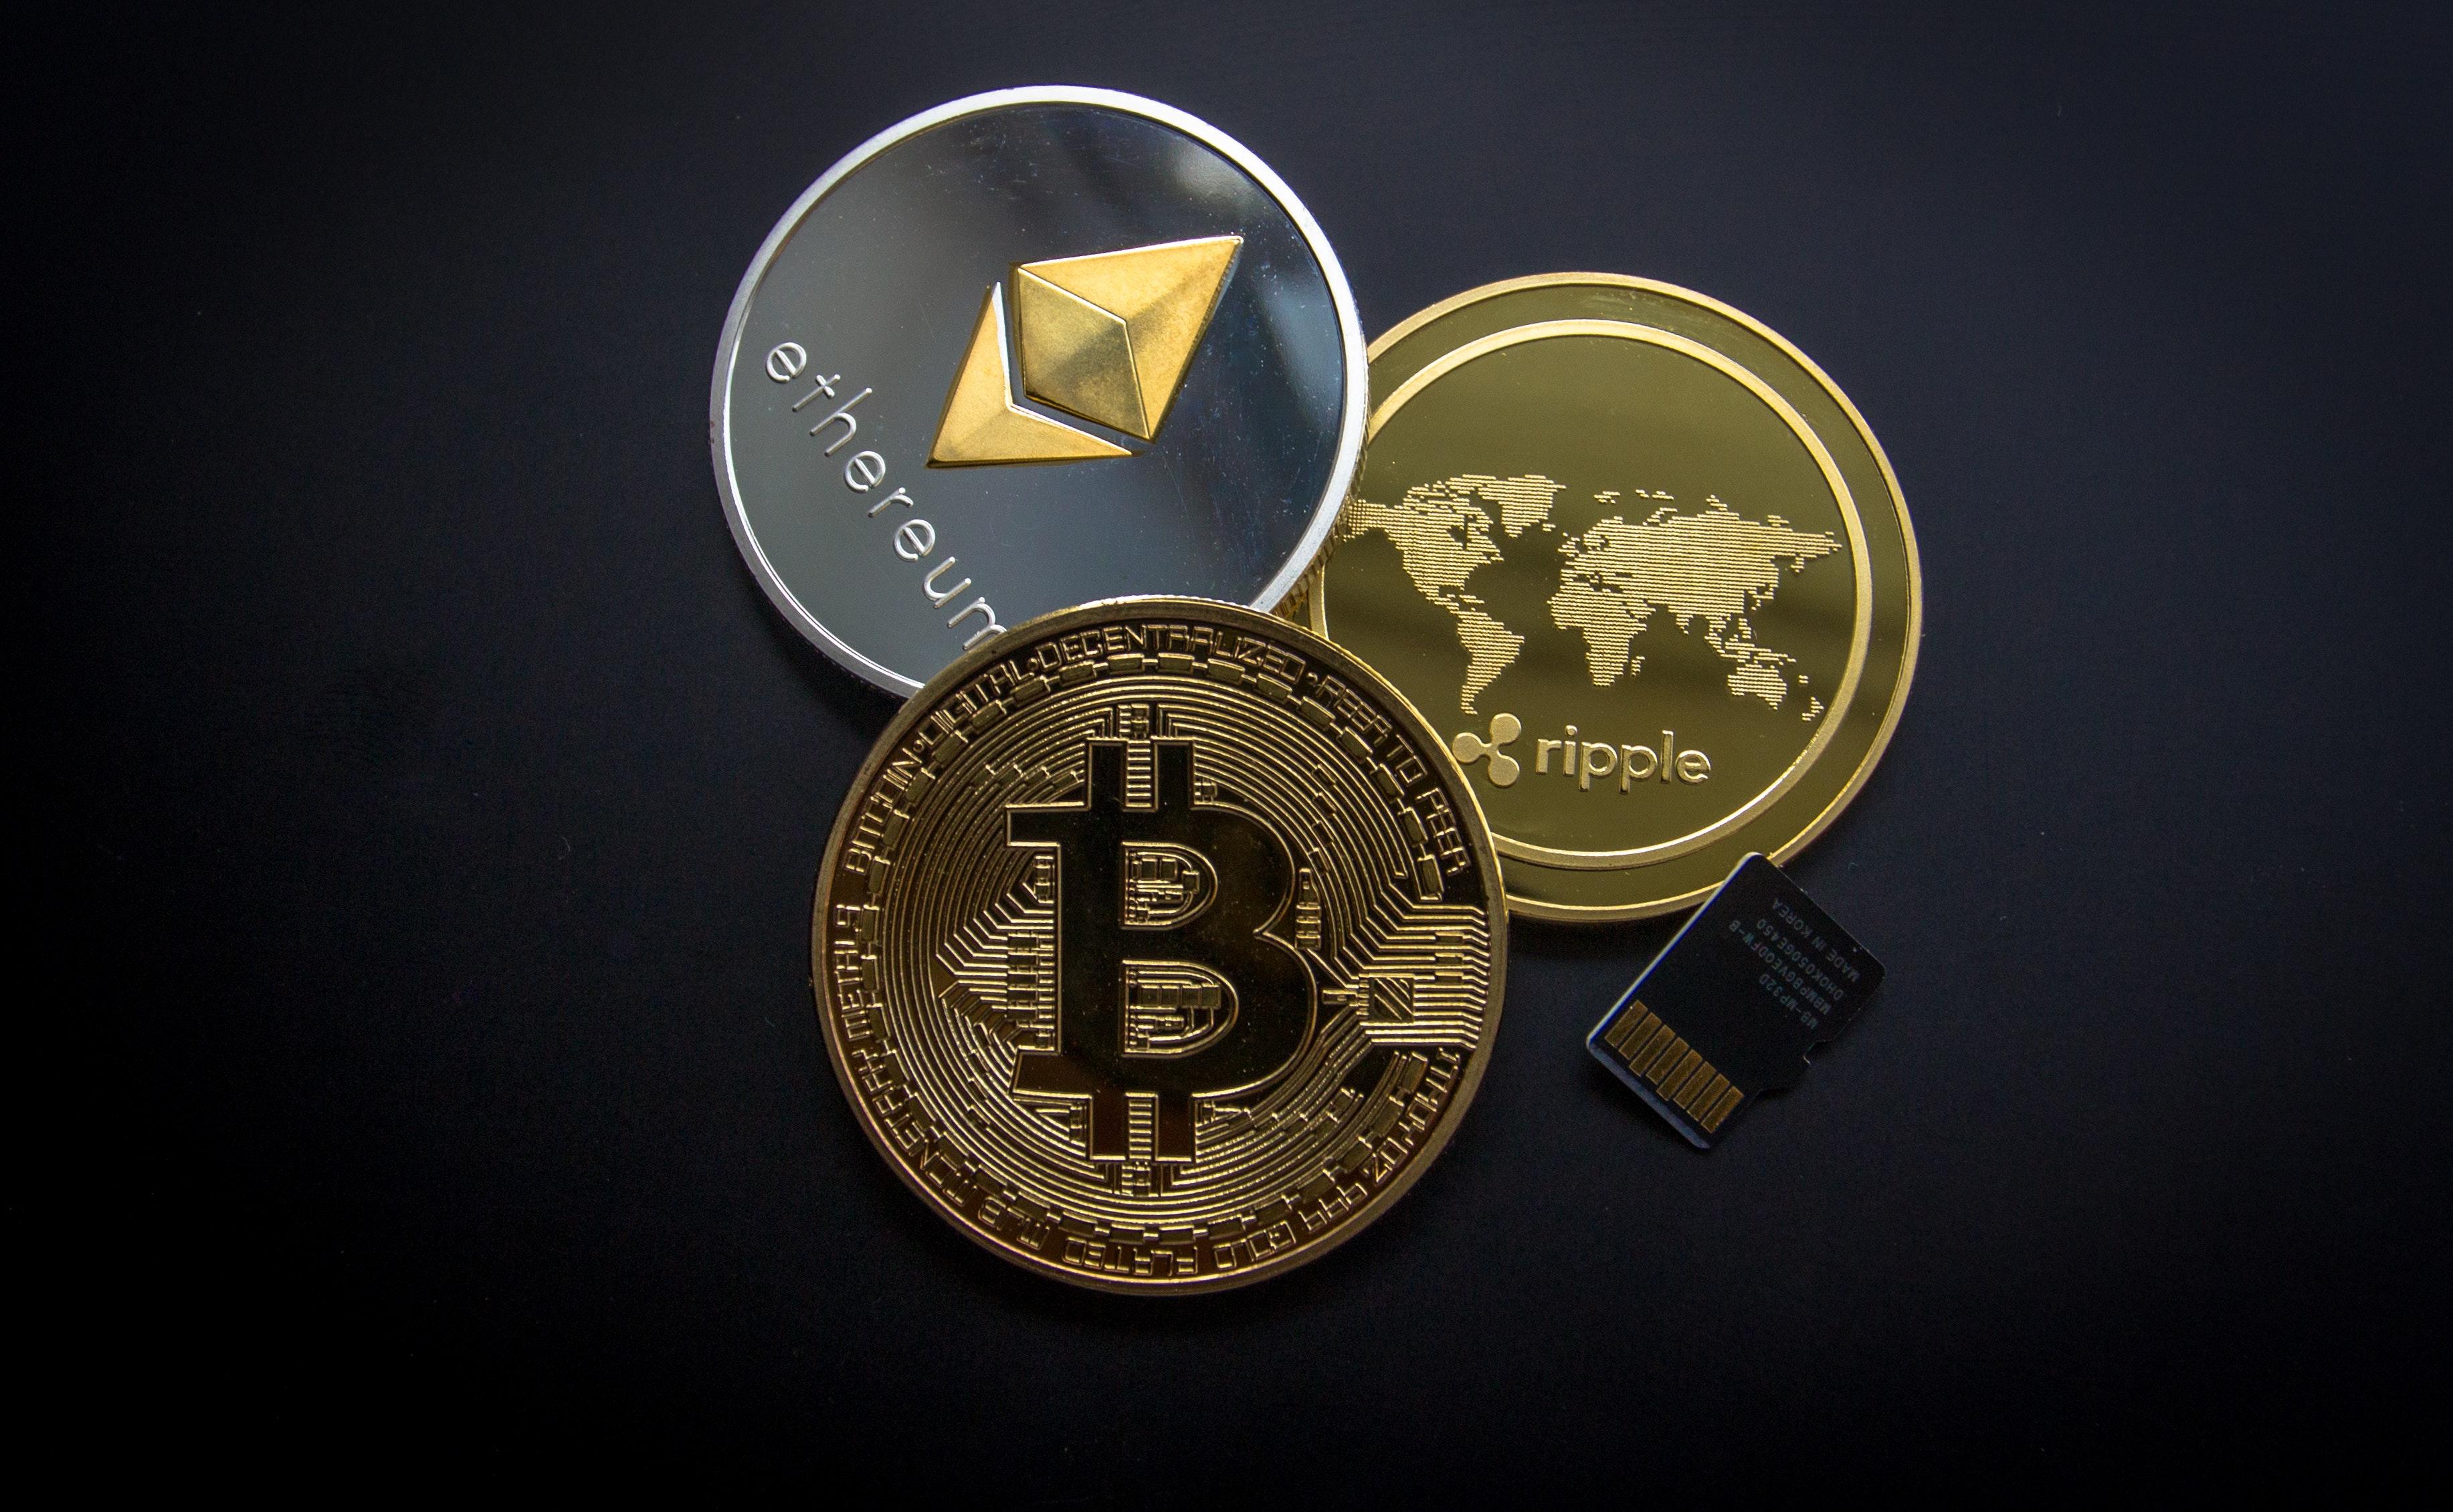 Bitcoin vásárlási tippek 2019-ben